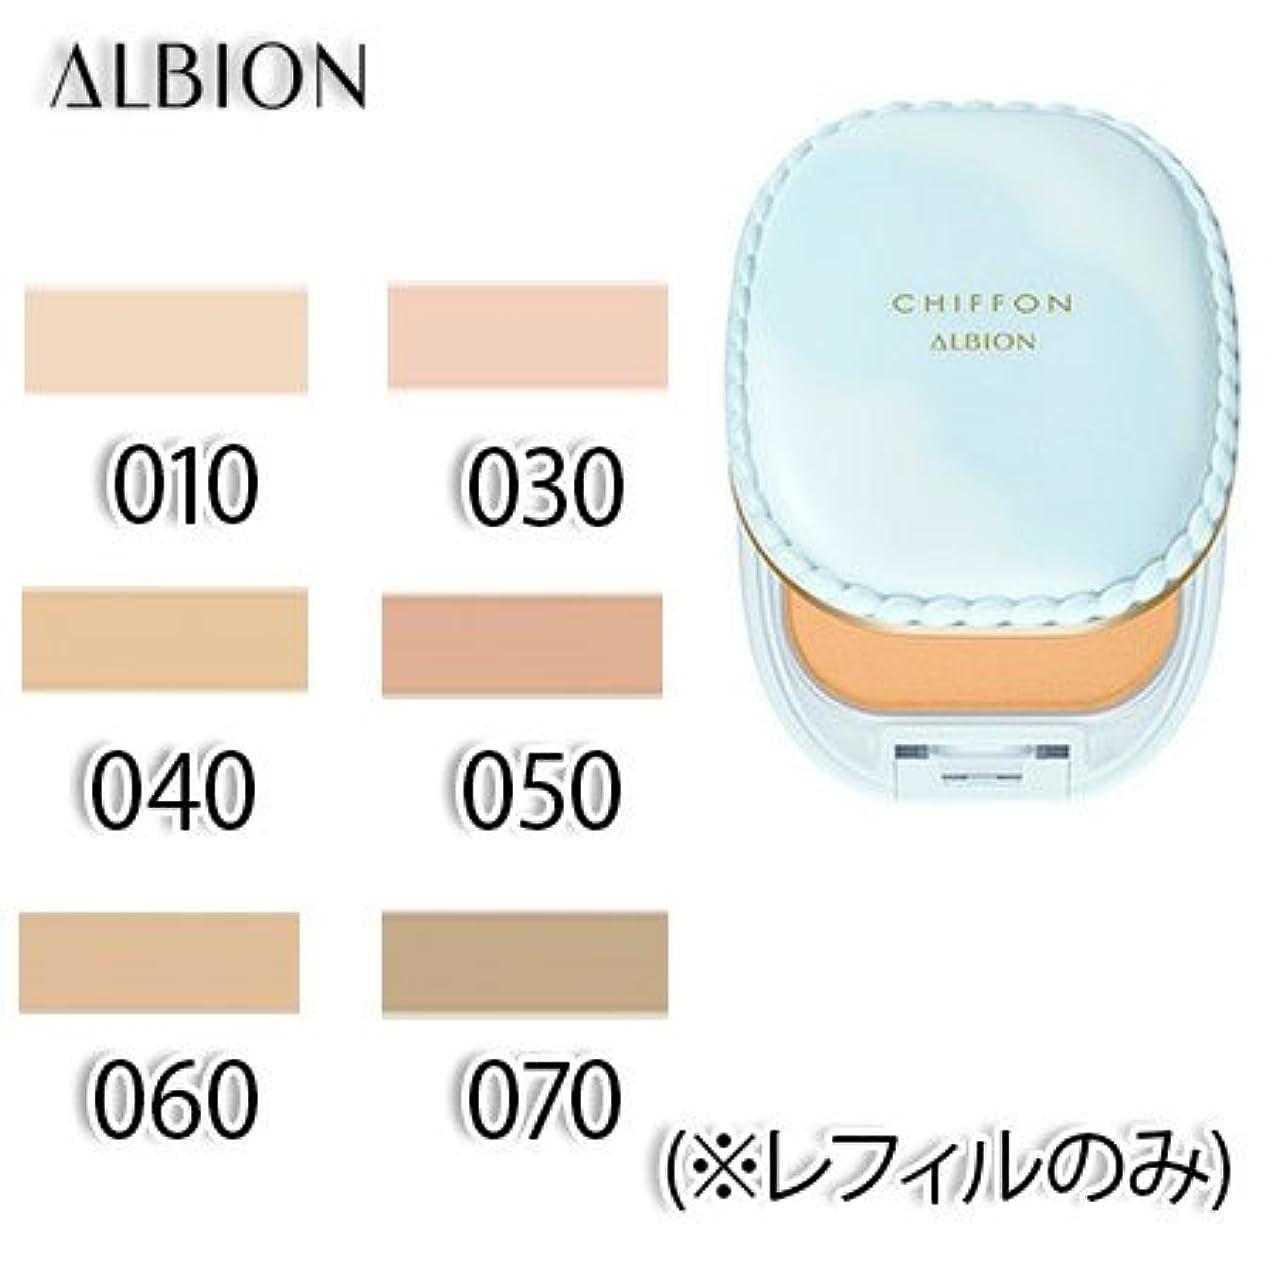 名前を作るありがたいメロドラマティックアルビオン スノー ホワイト シフォン 全6色 SPF25?PA++ 10g (レフィルのみ) -ALBION- 050